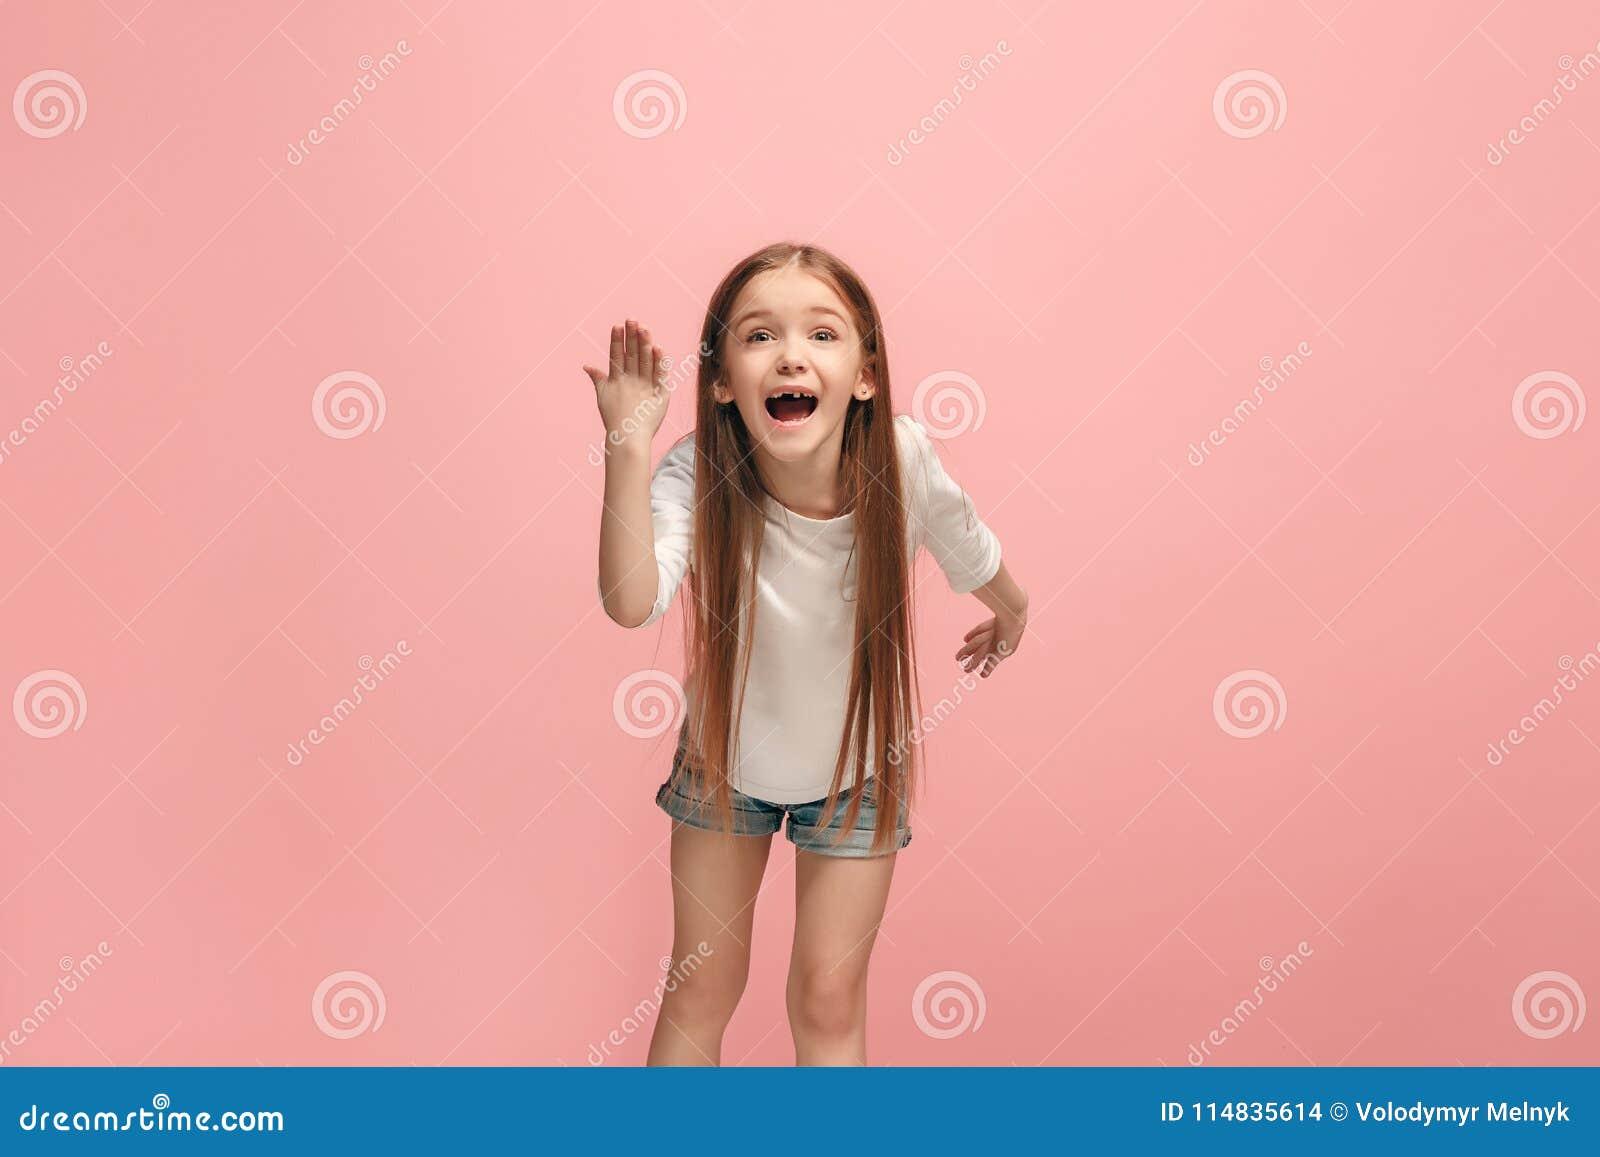 Härlig kvinnlig i halvfigur stående på rosa studiobackgroud Den unga emotionella tonåriga flickan